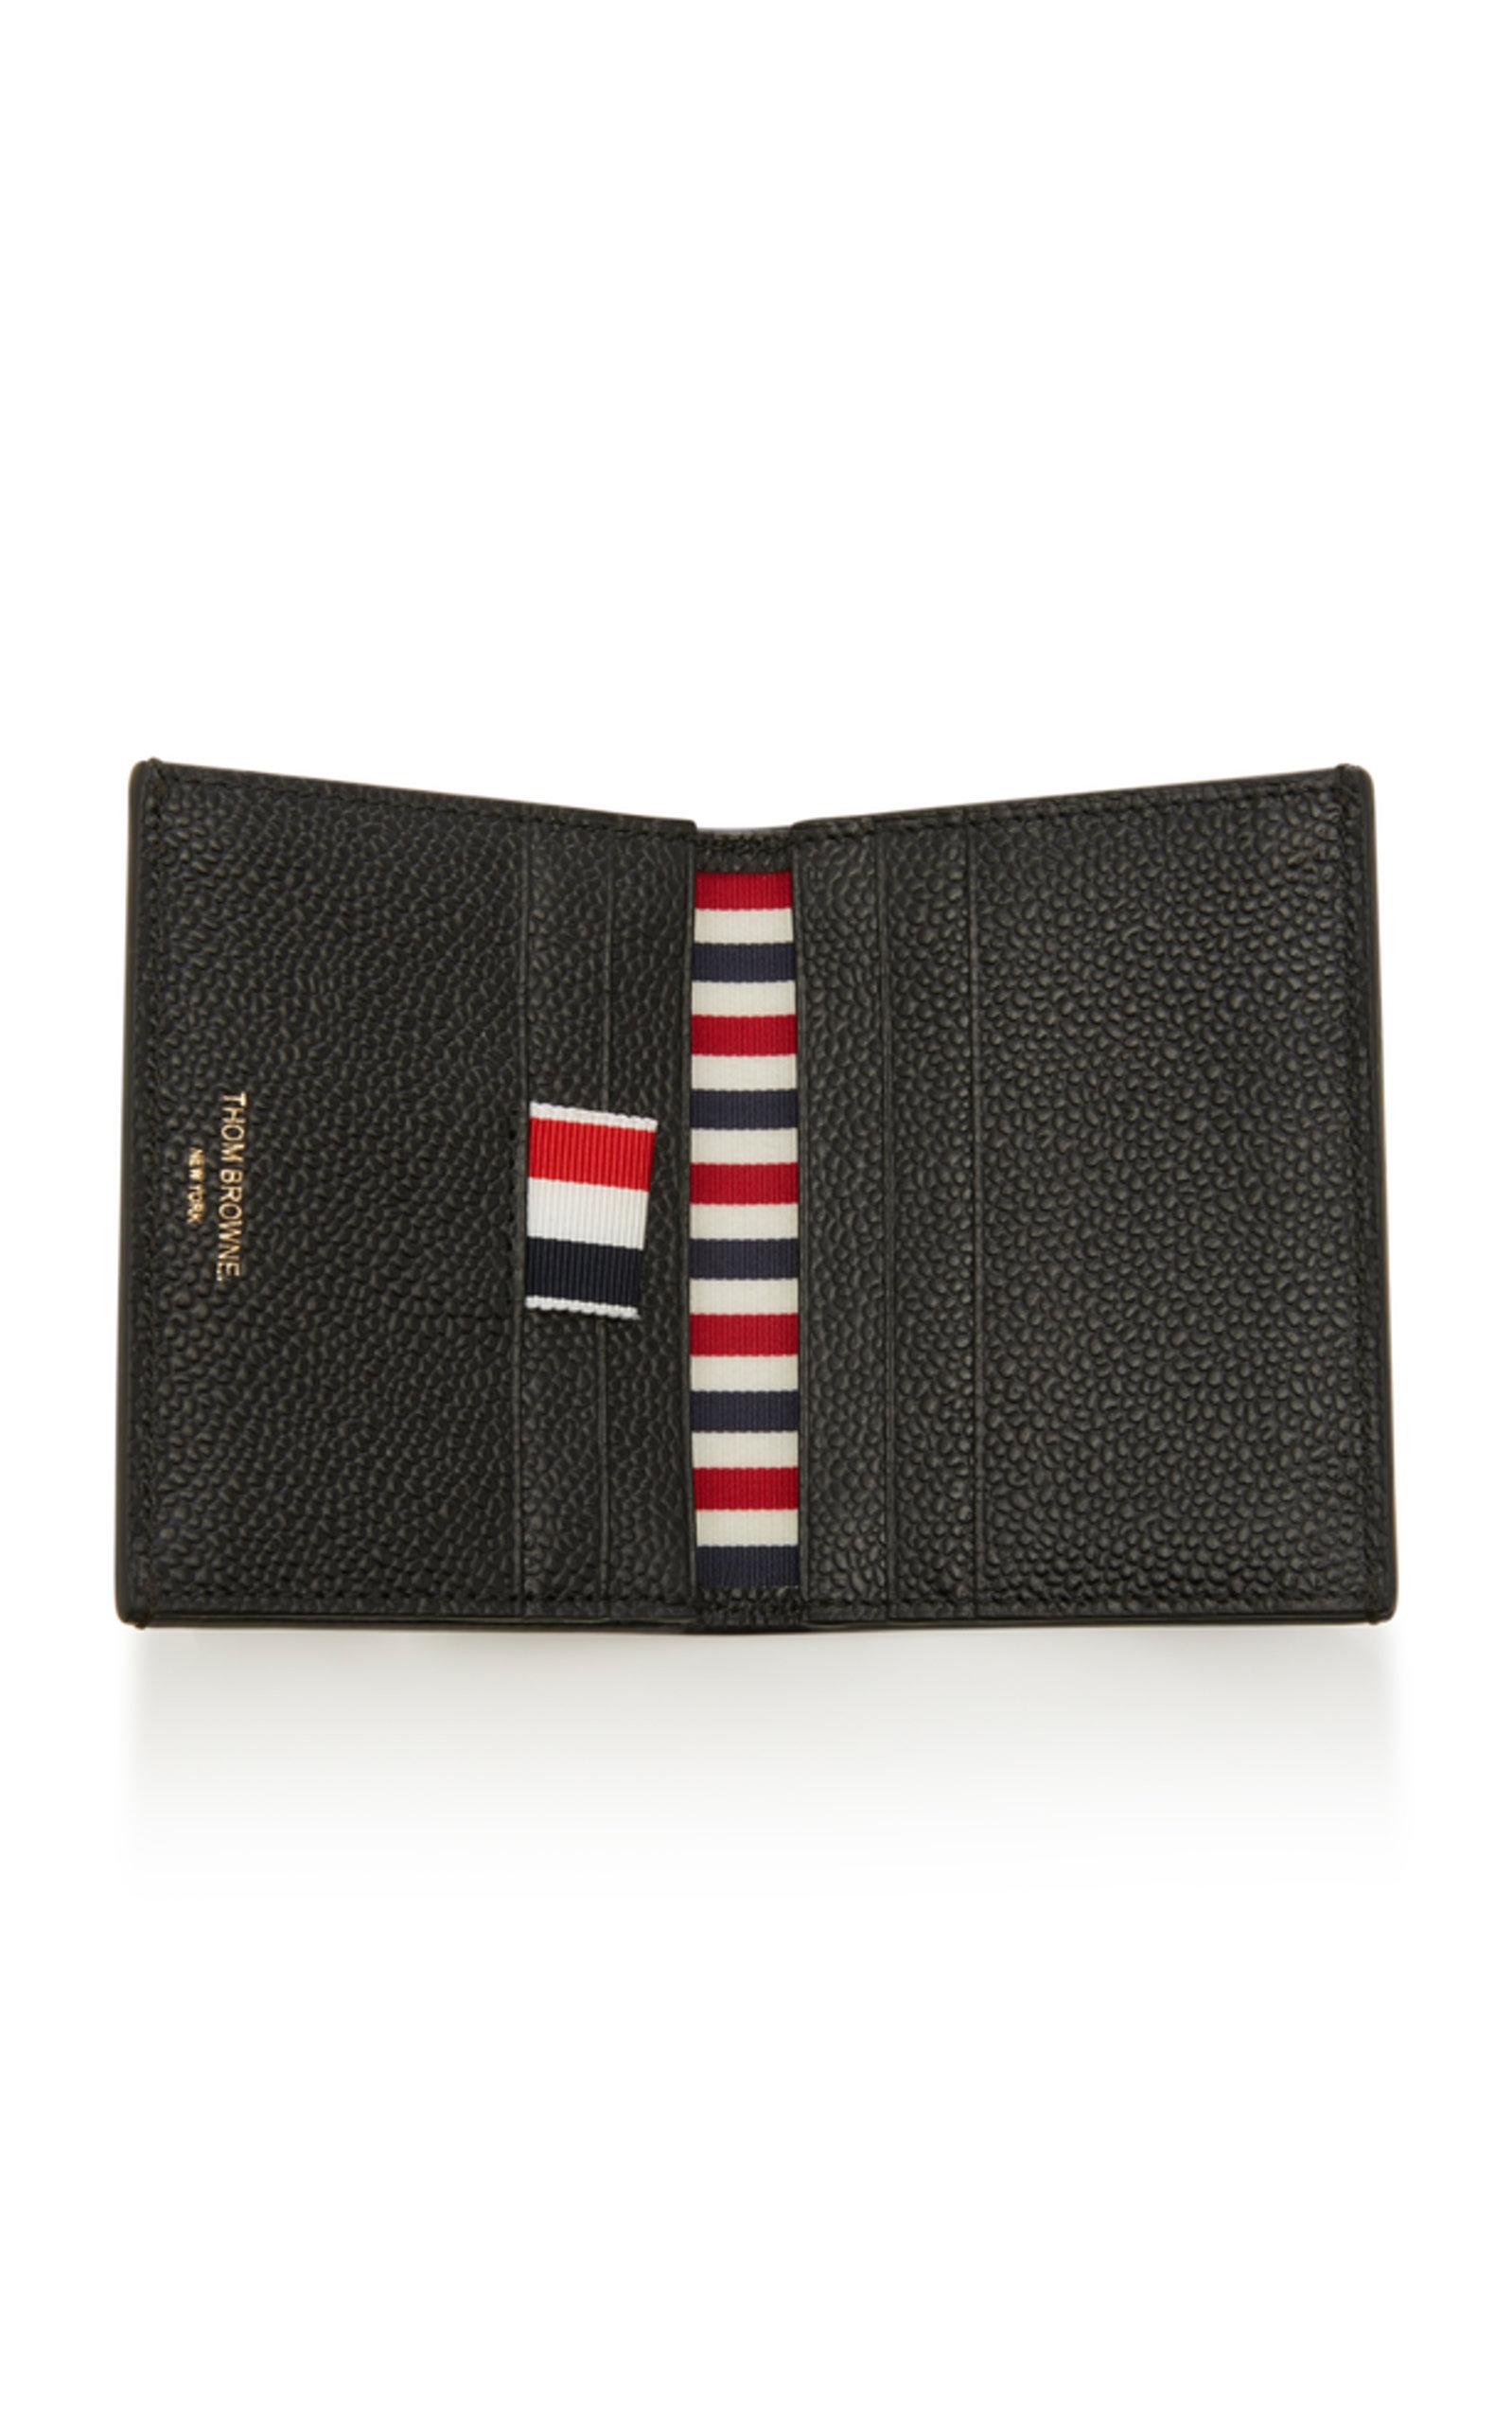 moda operandi - Thom Browne Card Holder